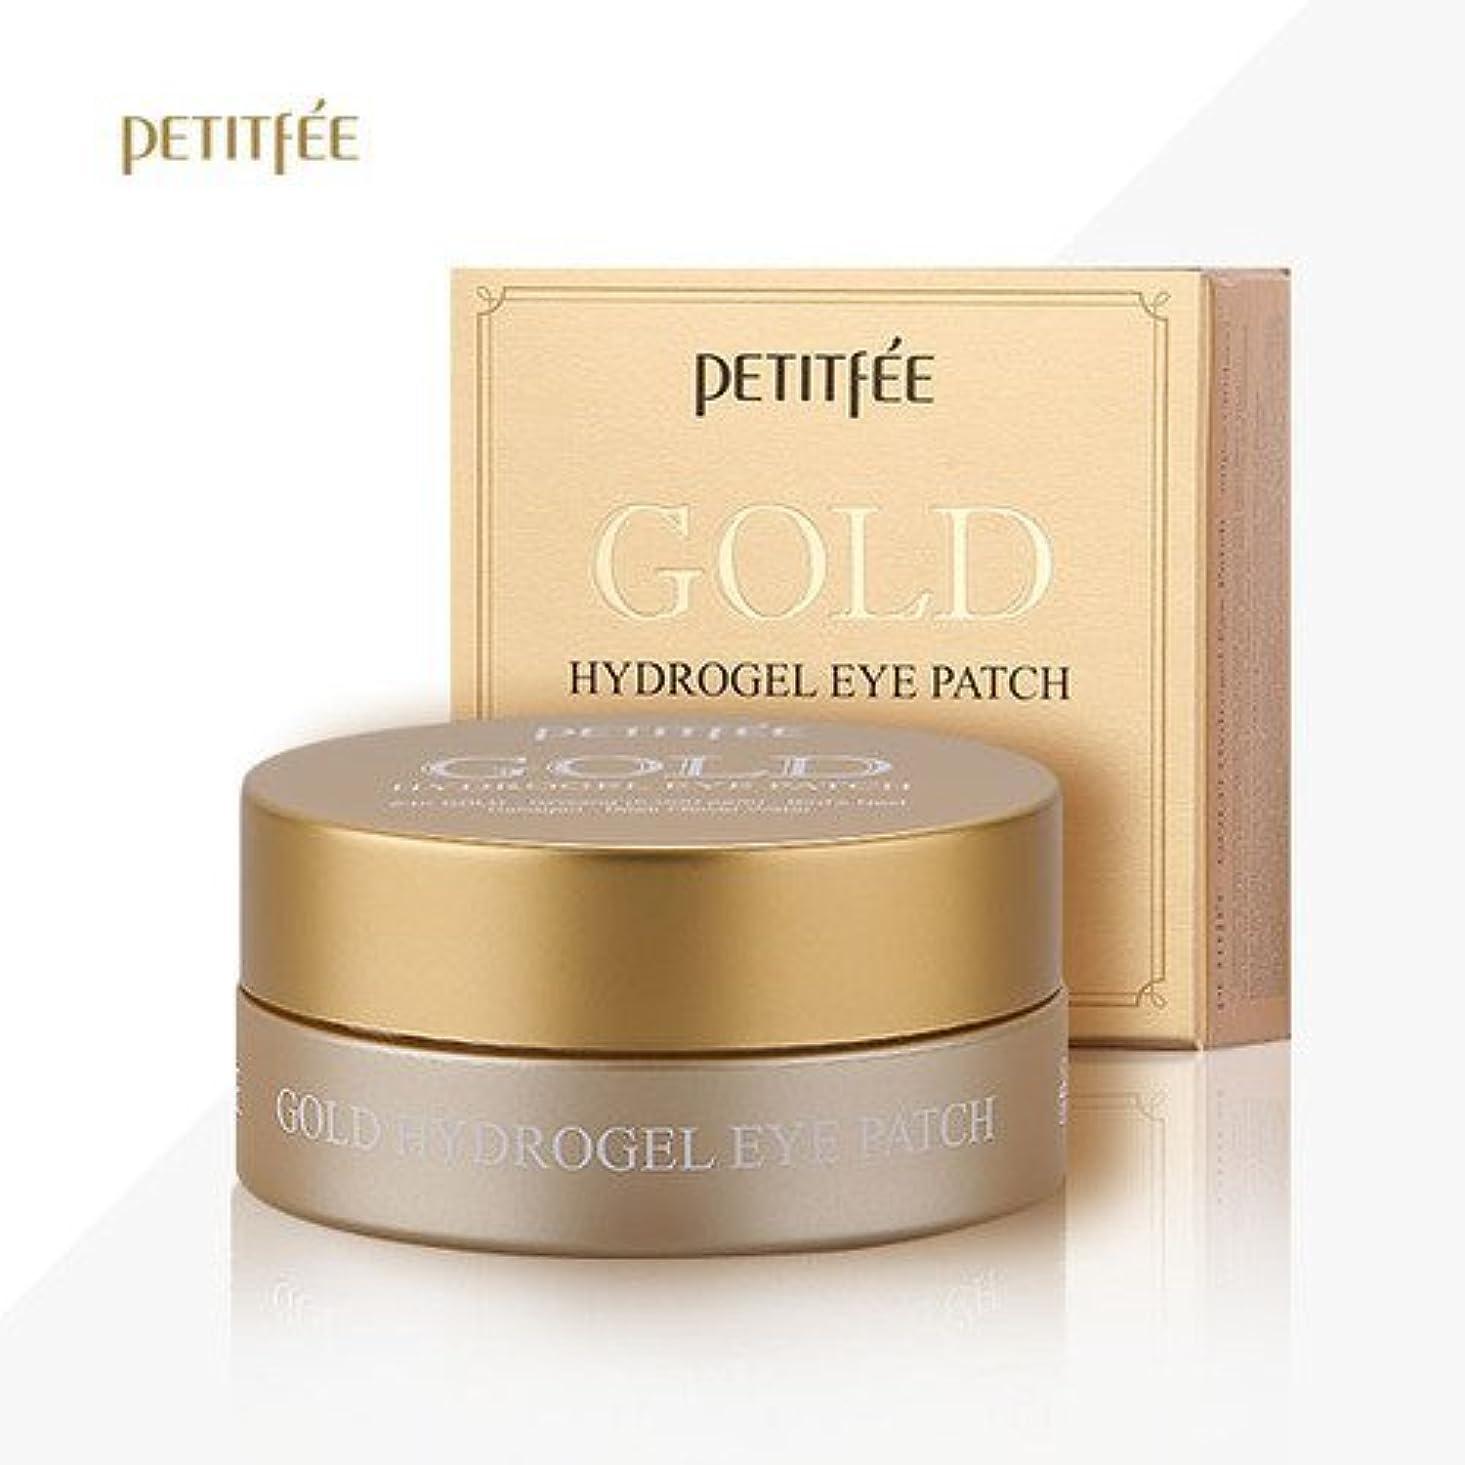 かんたん電話に出る男性PETITFEE(プチペ)ゴールドハイドロゲルアイパチ(60枚)/ Petitfee Gold Hydrogel Eye Patch (60Sheets) [並行輸入品]